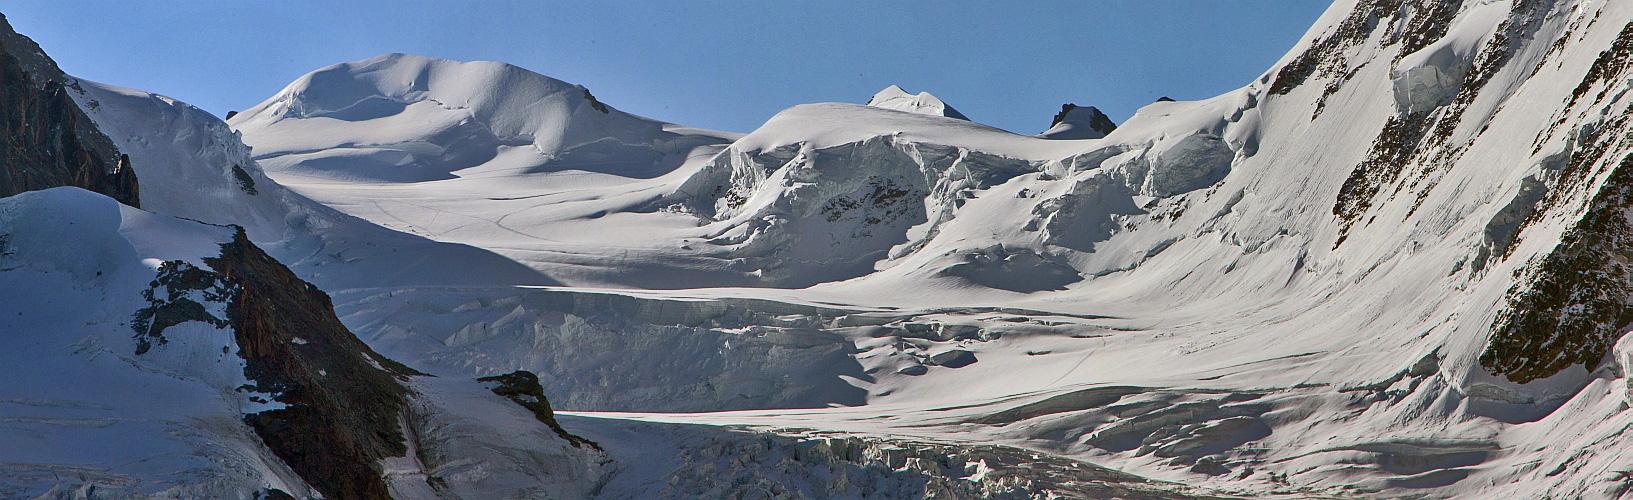 Die weiteren Monte Rosa Gipfel, denen man es gar nich ansieht...